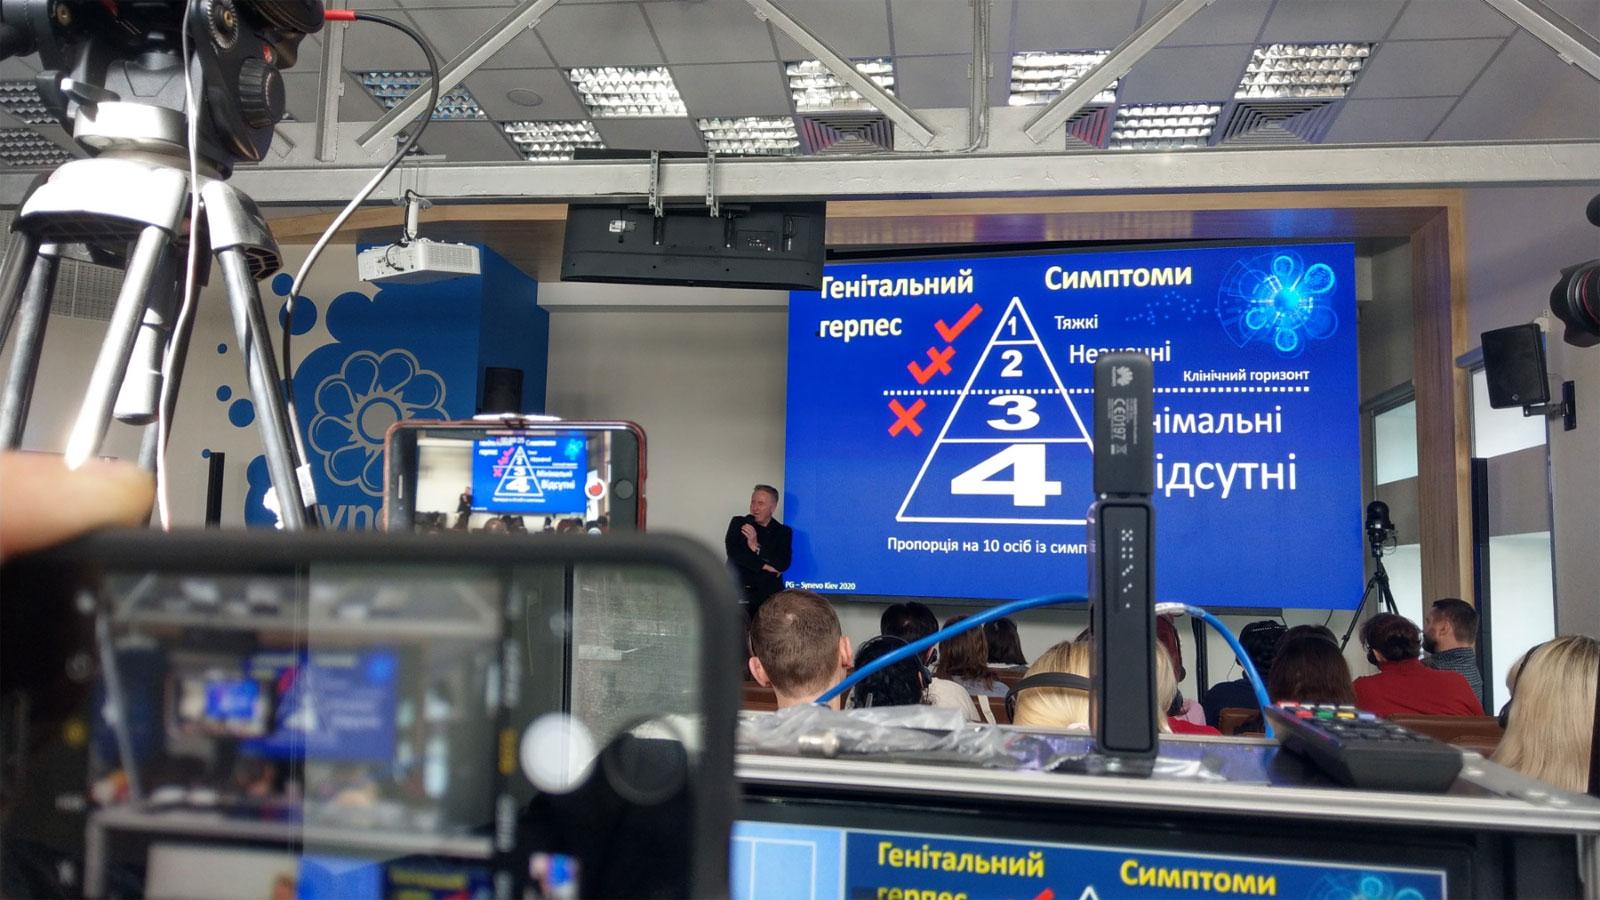 Оборудование для проведения онлайн трансляции с включением удаленных и локальных спикеров, услуга или аренда. Киев, Украина. Компания Эквиптайм